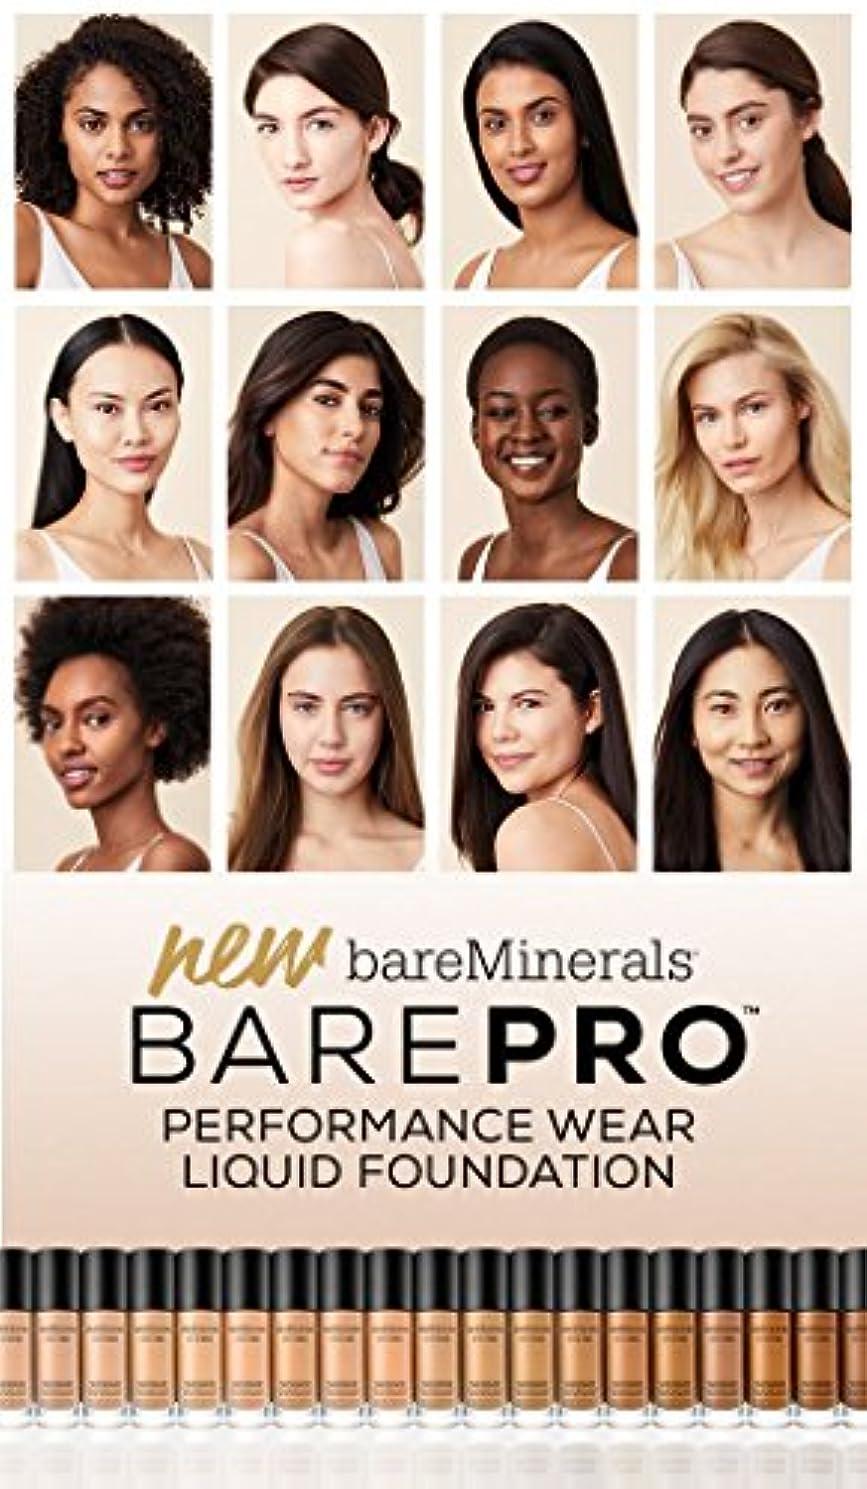 真剣に南西準拠ベアミネラル BarePro Performance Wear Liquid Foundation SPF20 - # 01 Fair 30ml/1oz並行輸入品